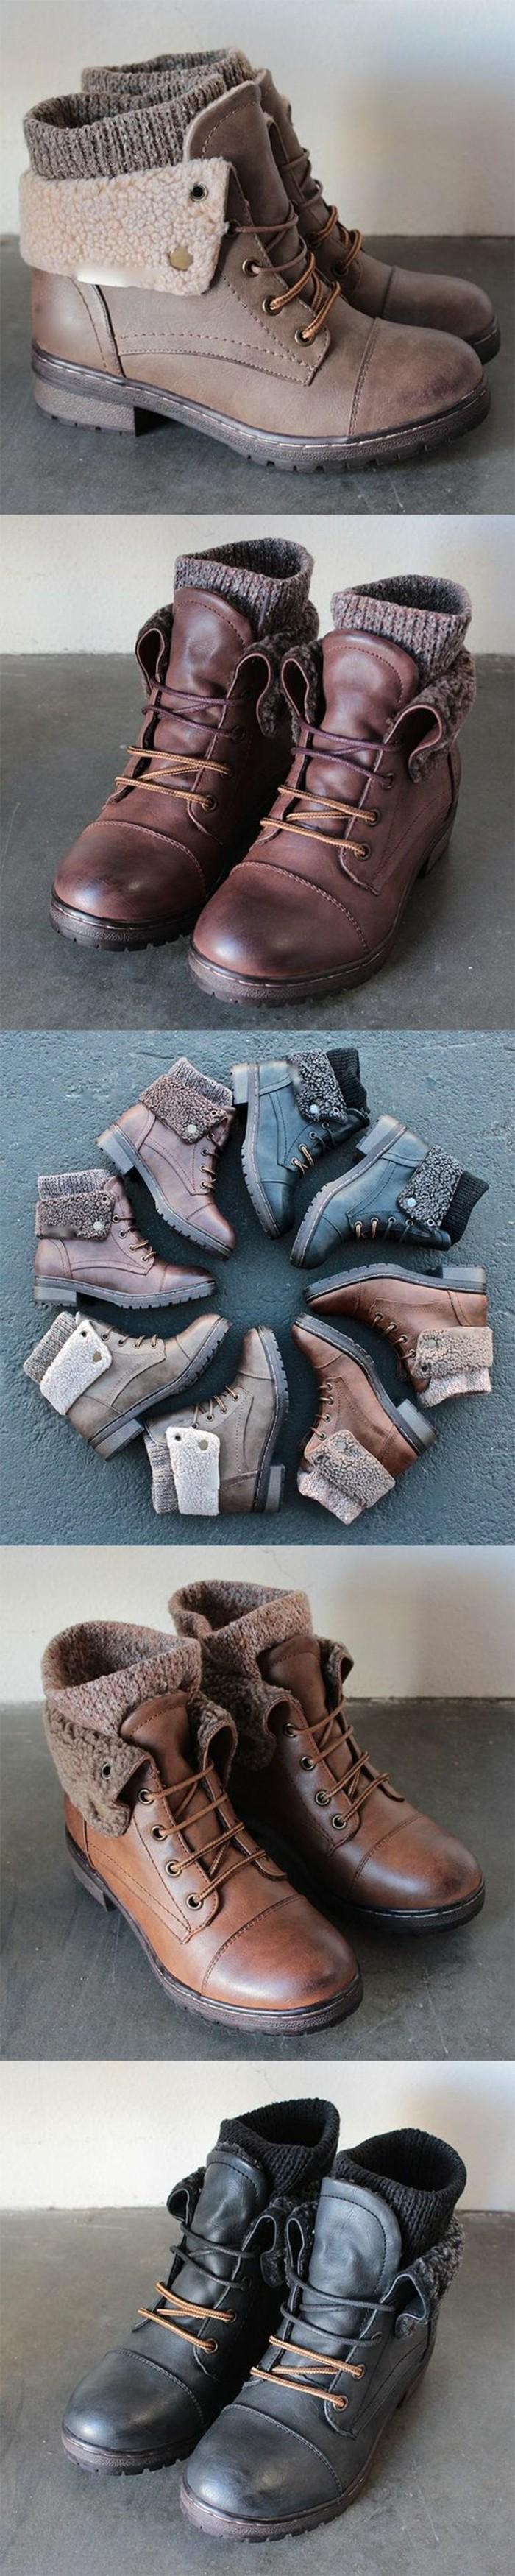 dernieres-bottines-tendance-hiver-2017-quelques-bottes-chaudes